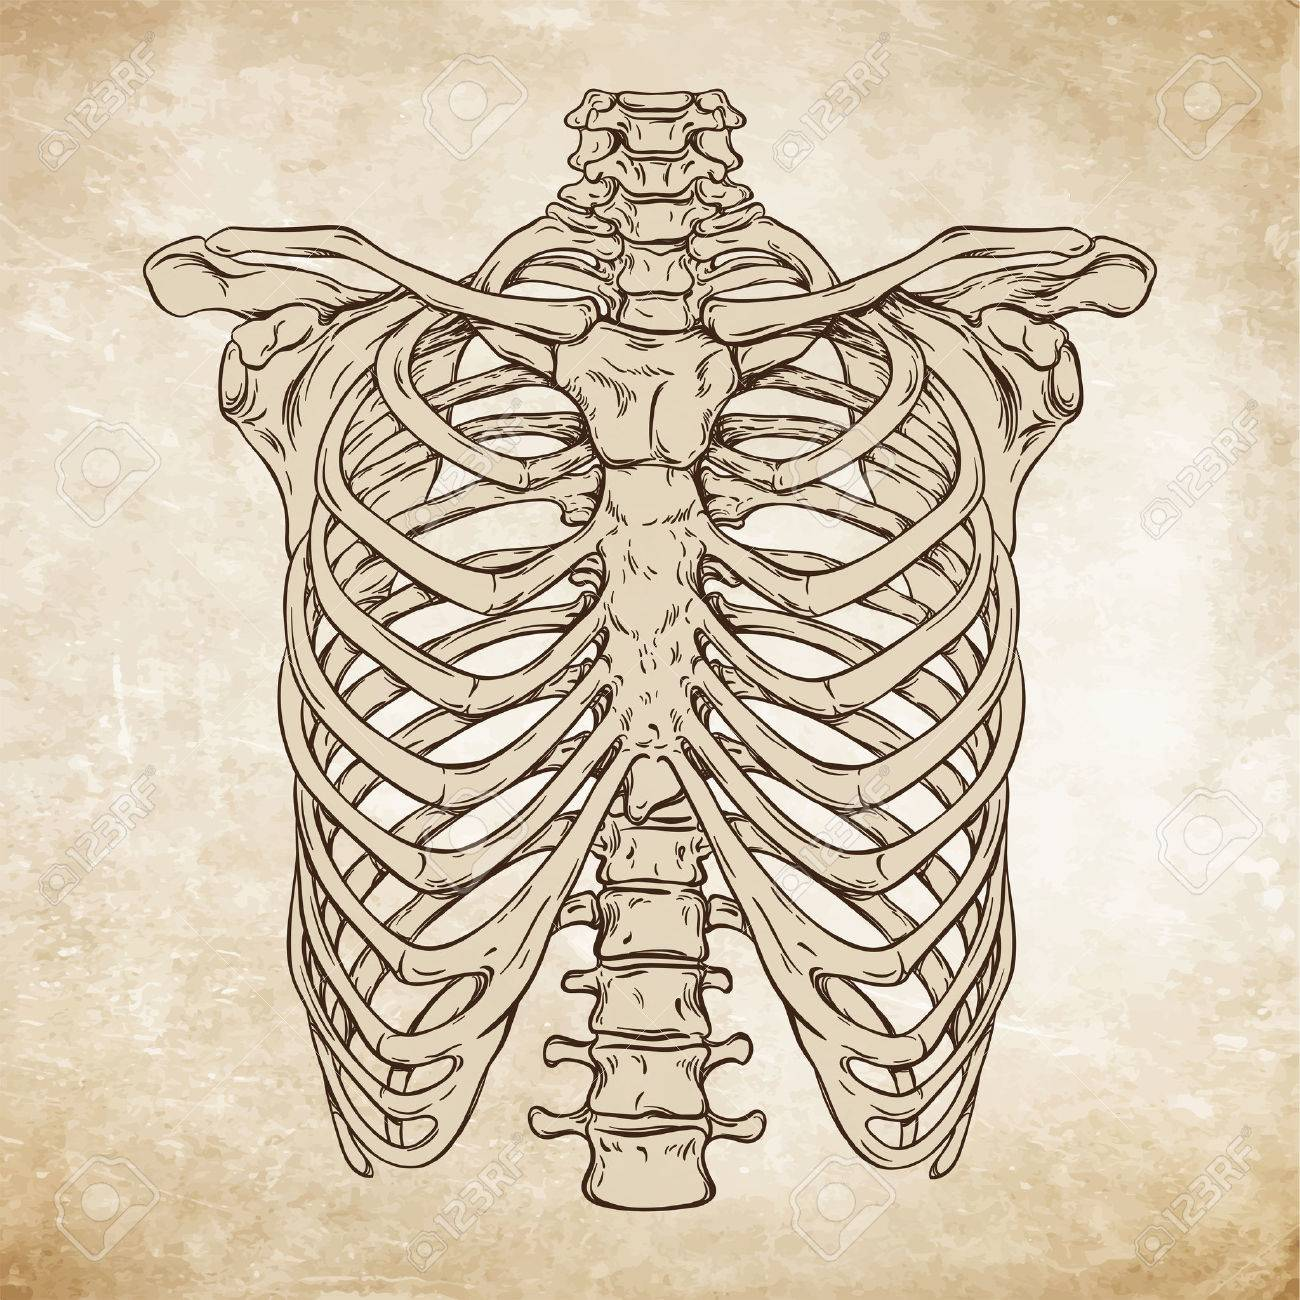 Dibujado A Mano La Línea De Arte Caja Torácica Humana Anatómicamente ...